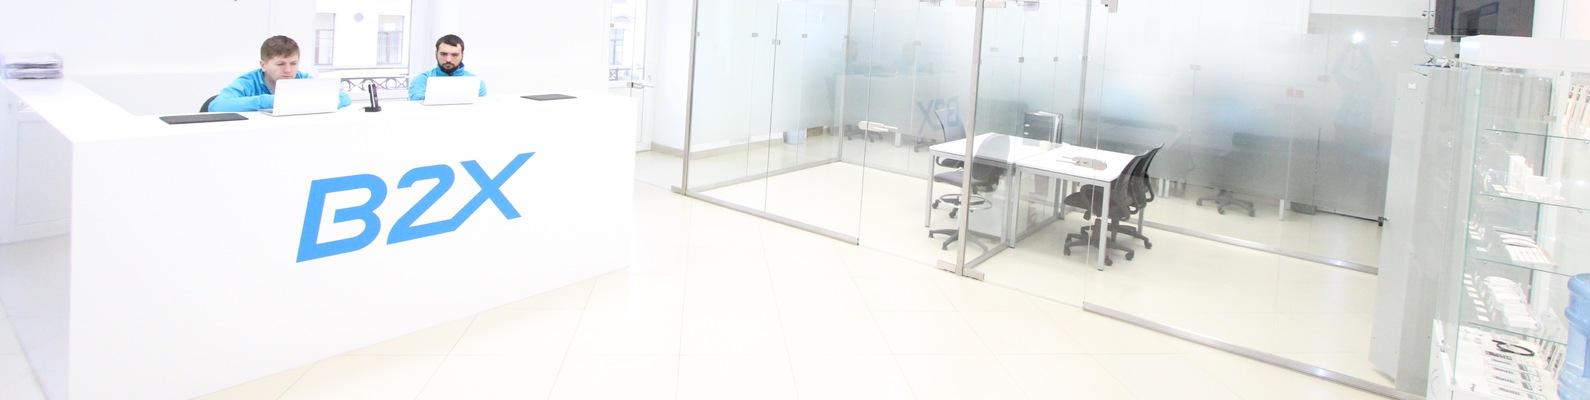 Дизайн интерьера сервисного центра Apple. Реализованный проект